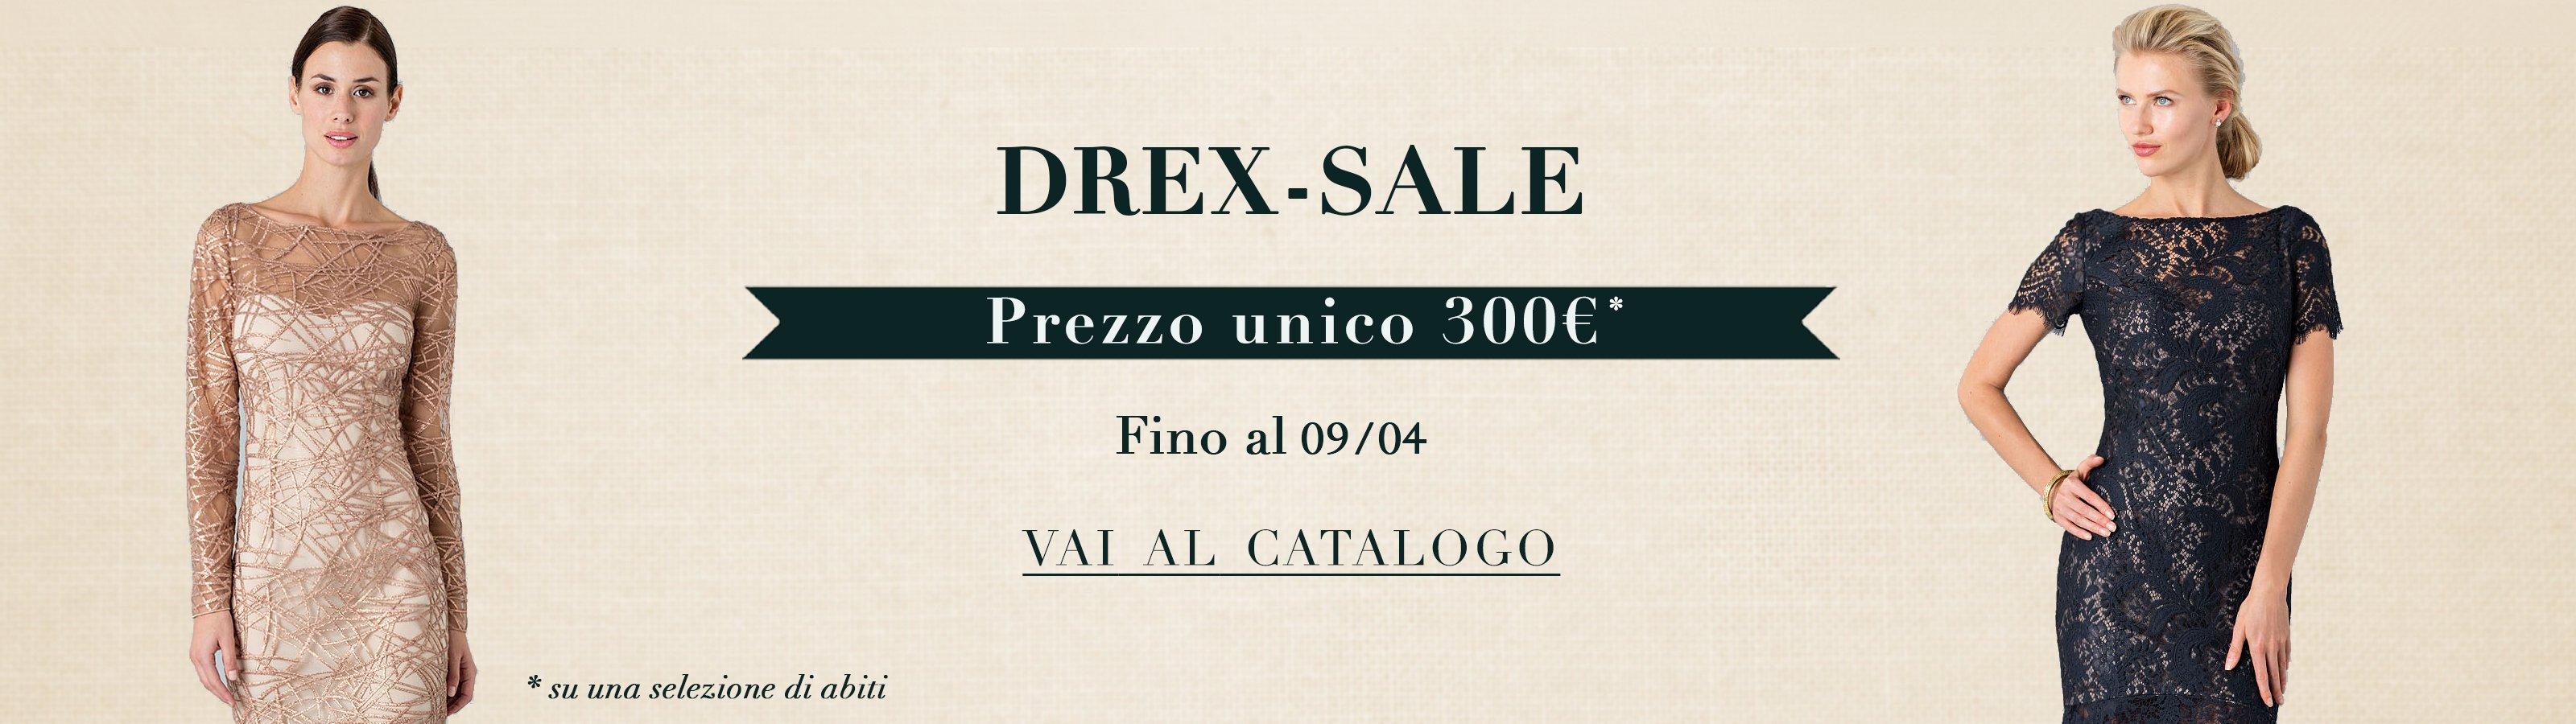 abiti 250 euro